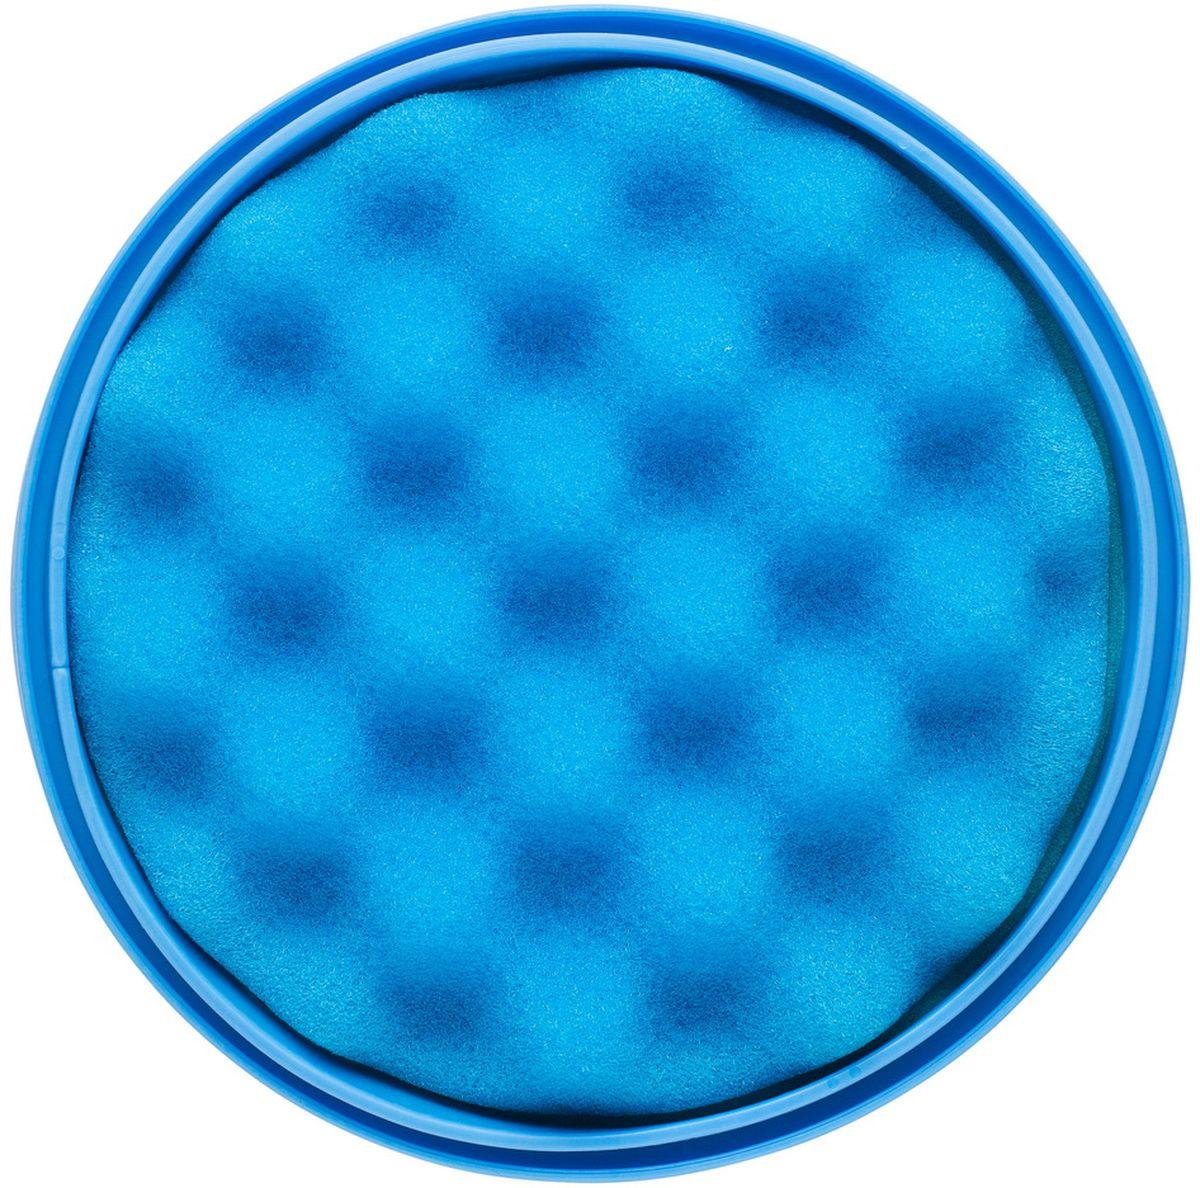 Моторный фильтр Neolux FSM-21 для пылесоса SamsungFSM - 21Моющийся моторный фильтр Neolux FSM-21 предназначен для безмешковых пылесосов Samsung серии Cyclone Force SC07F.., SC08F.., SC12F.., SC19F.., SC20F.., SC21F... Код оригинального фильтра DJ63-01285A. Диаметр фильтра: 14,2 см